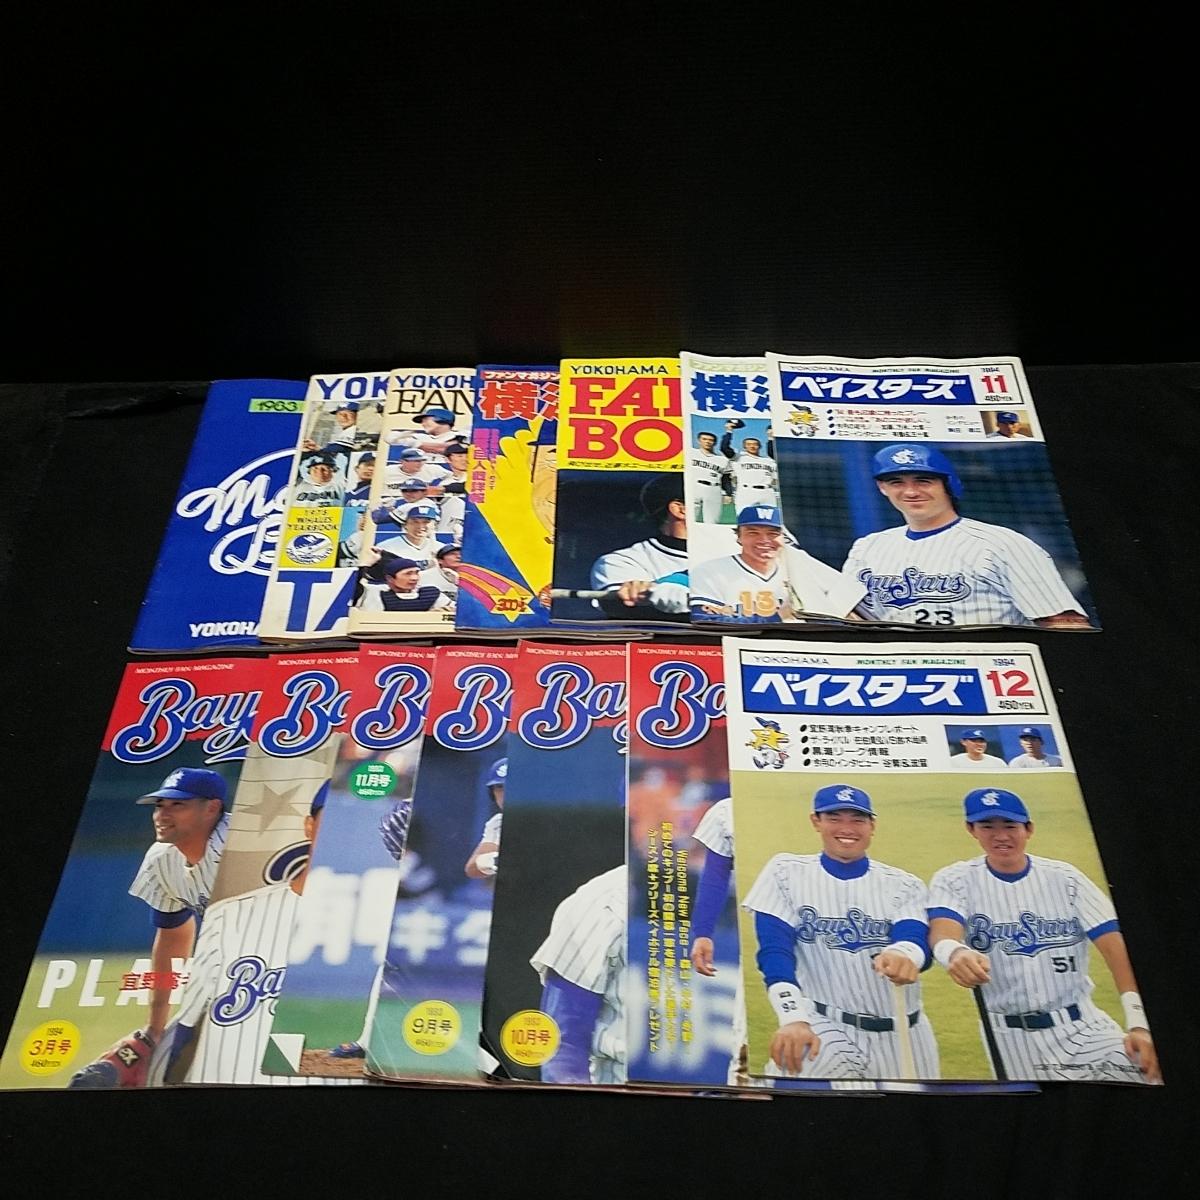 横浜大洋、横浜ベイスターズ、ファンブック、14冊まとめ売り